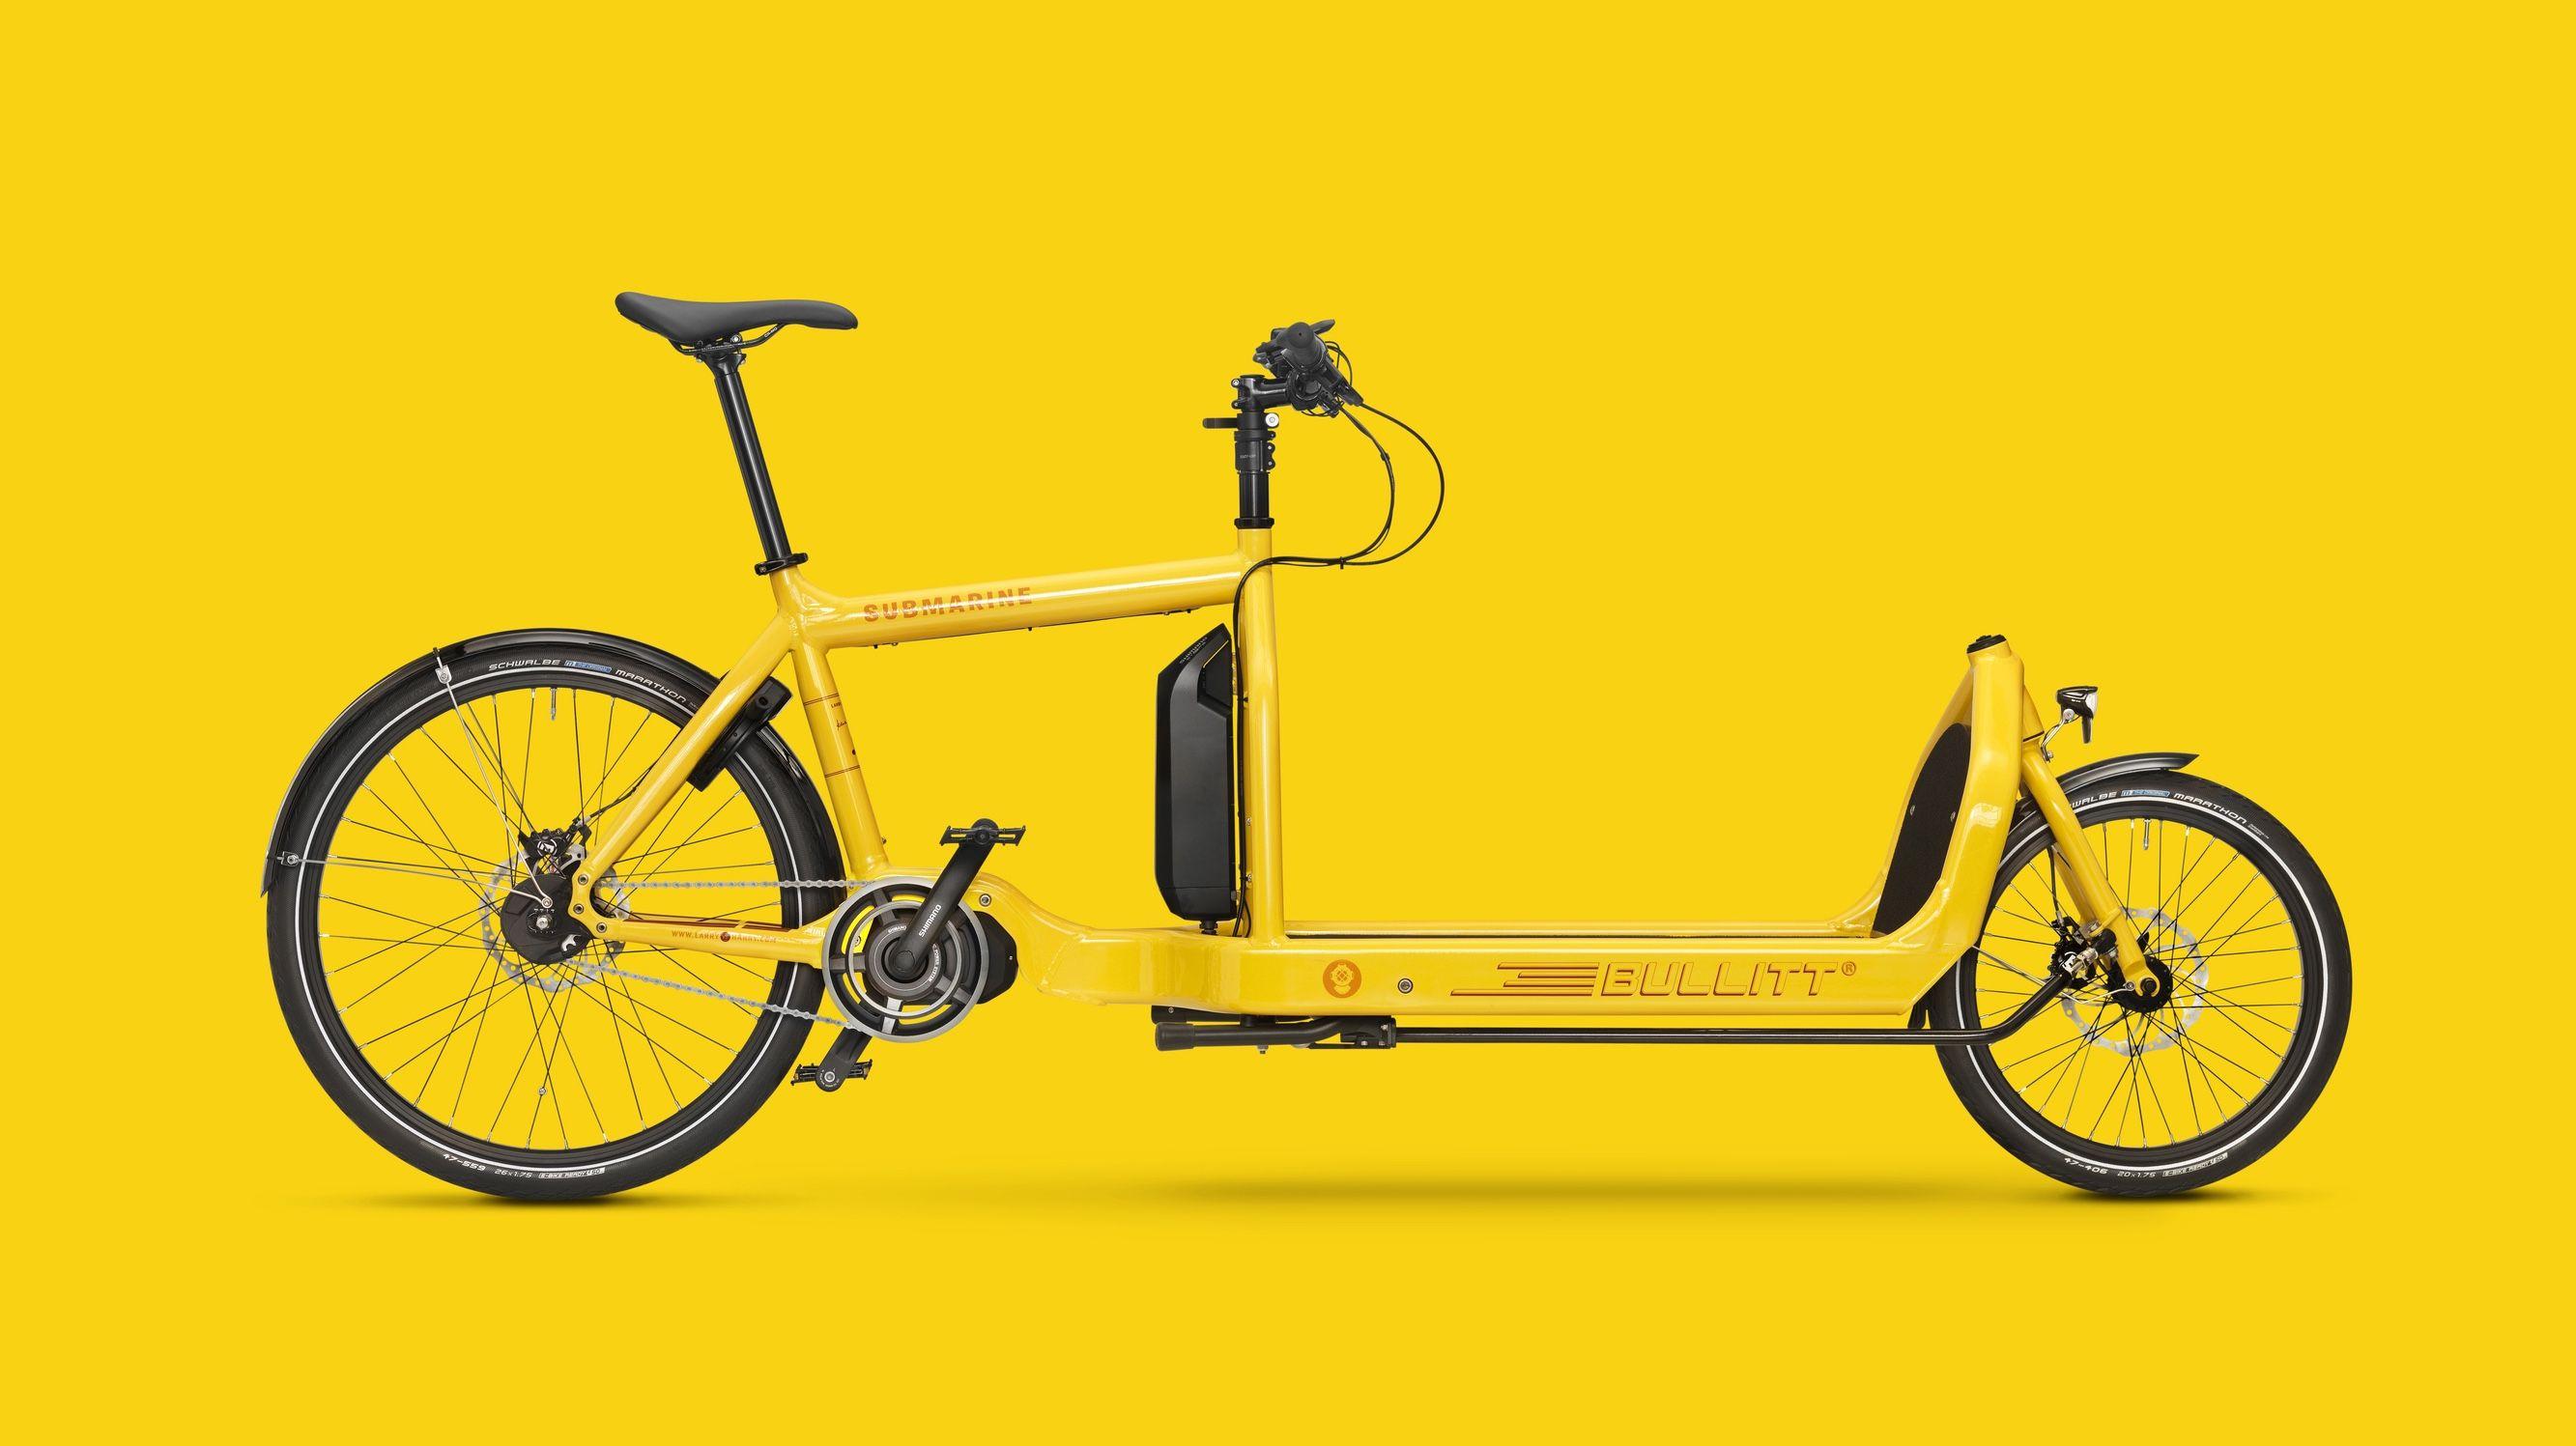 Larry Vs Harry Bullitt Cargo Bike Bullitt Cargo Bike Bike